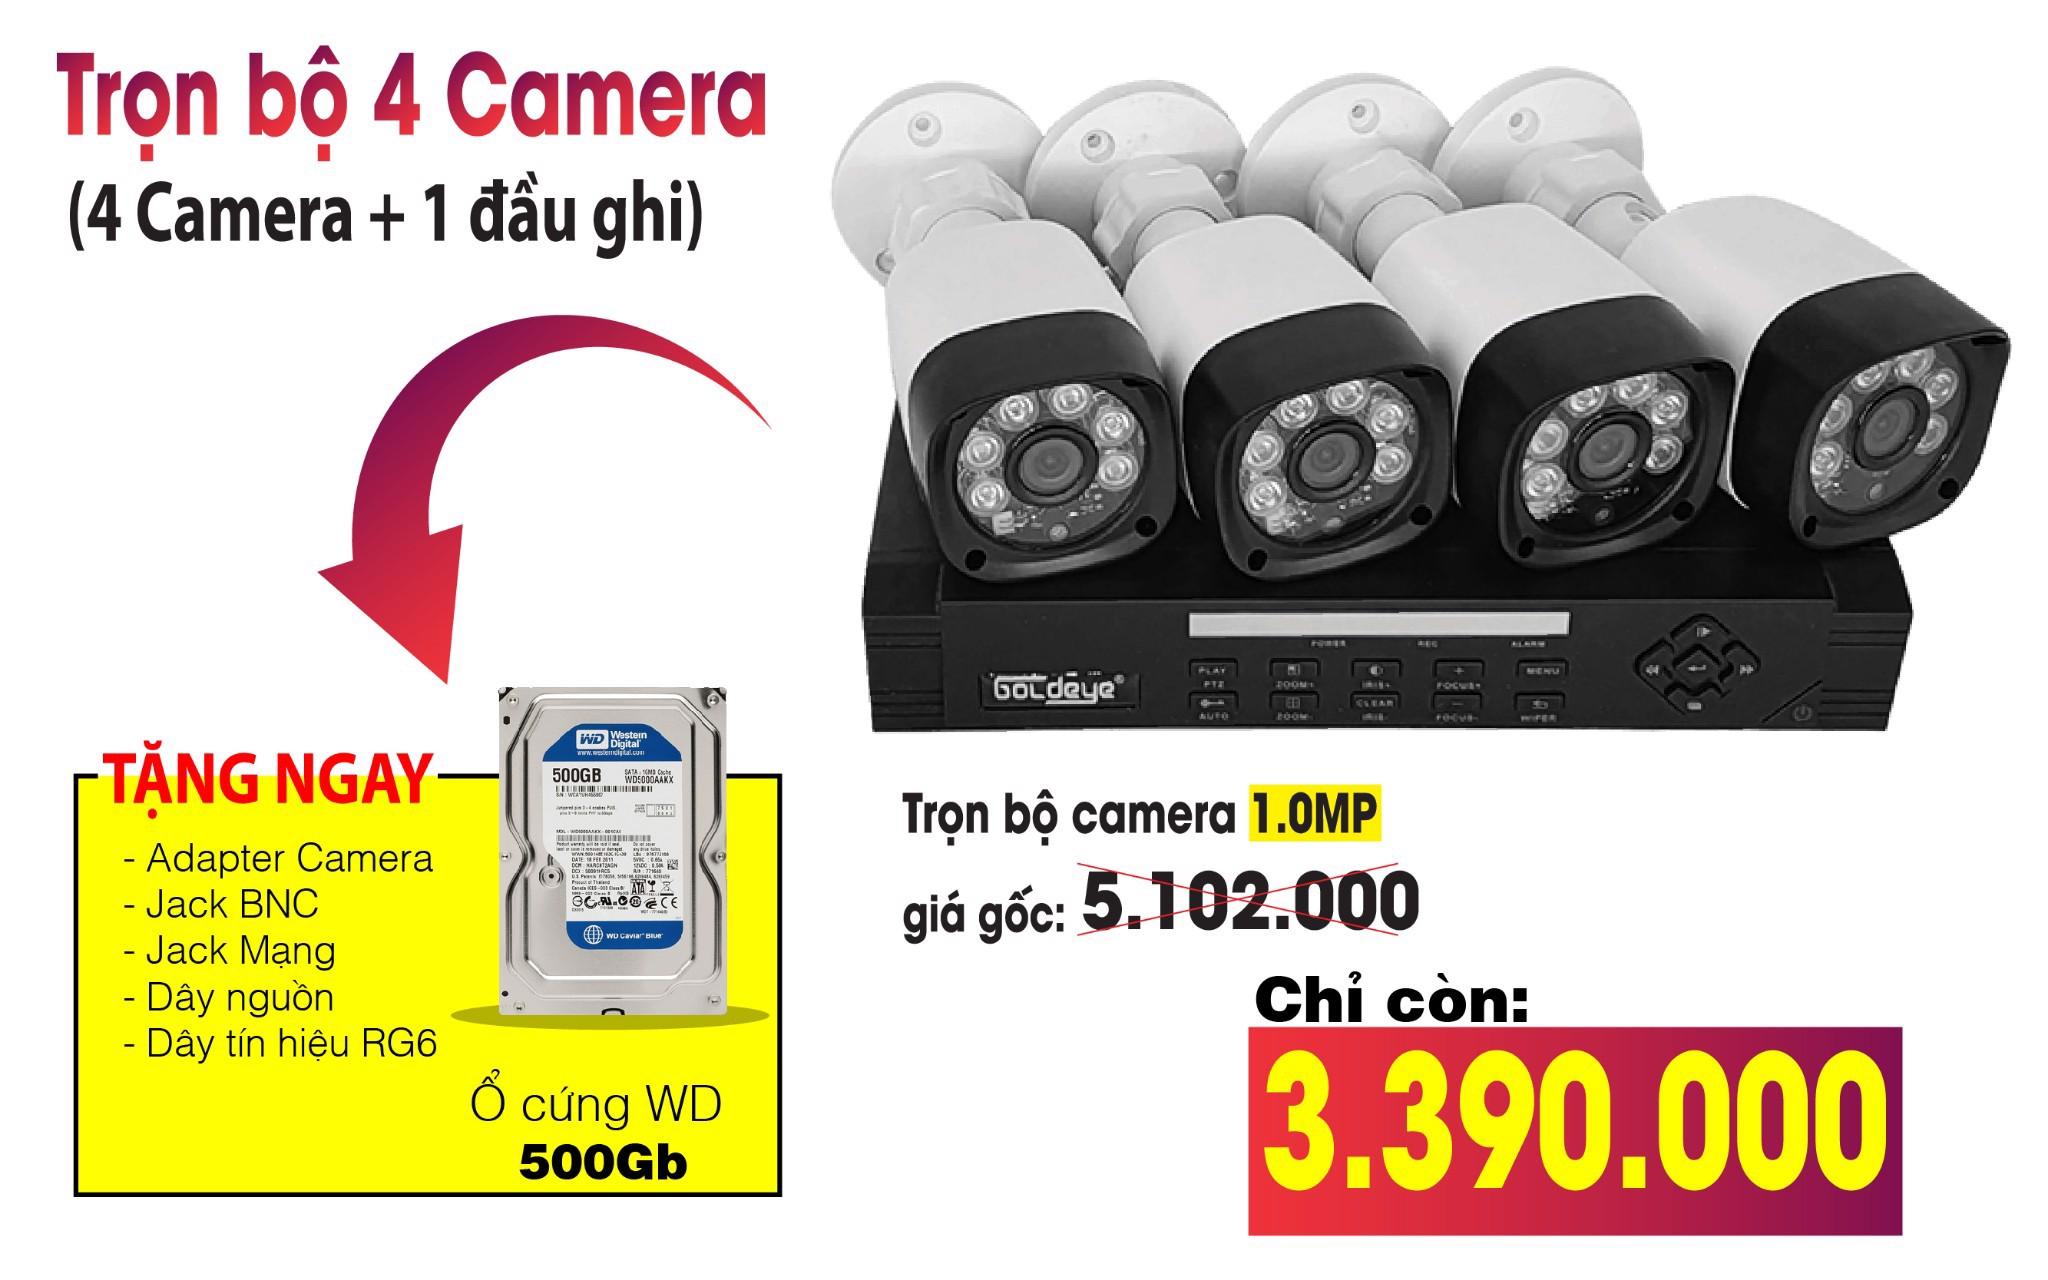 Trọn bộ khuyến mãi camera Eview 1.0MP